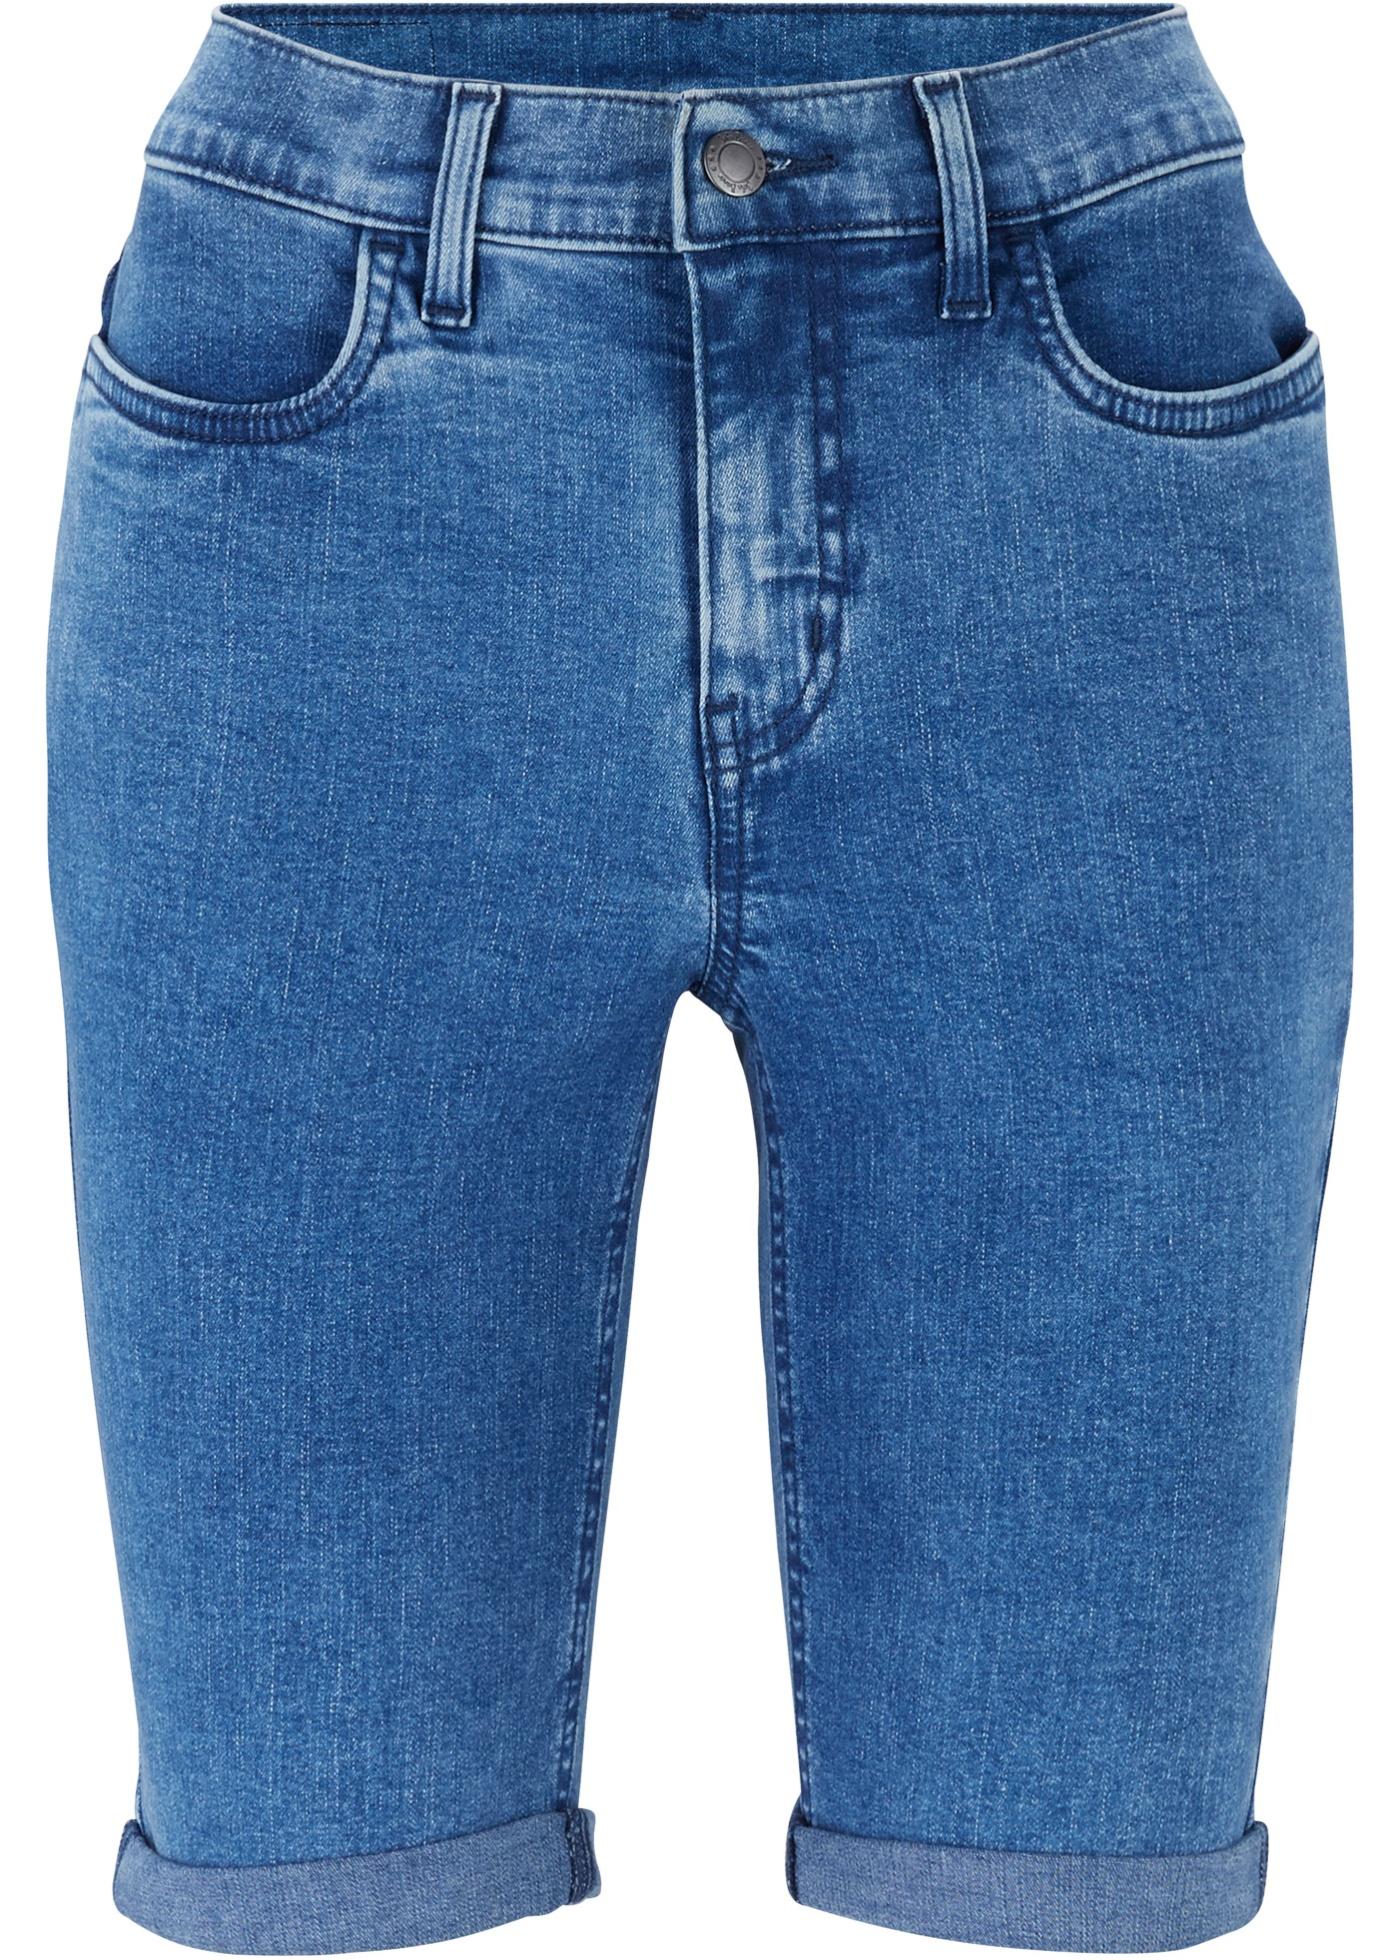 Ultra-Soft-Jeans-Bermuda